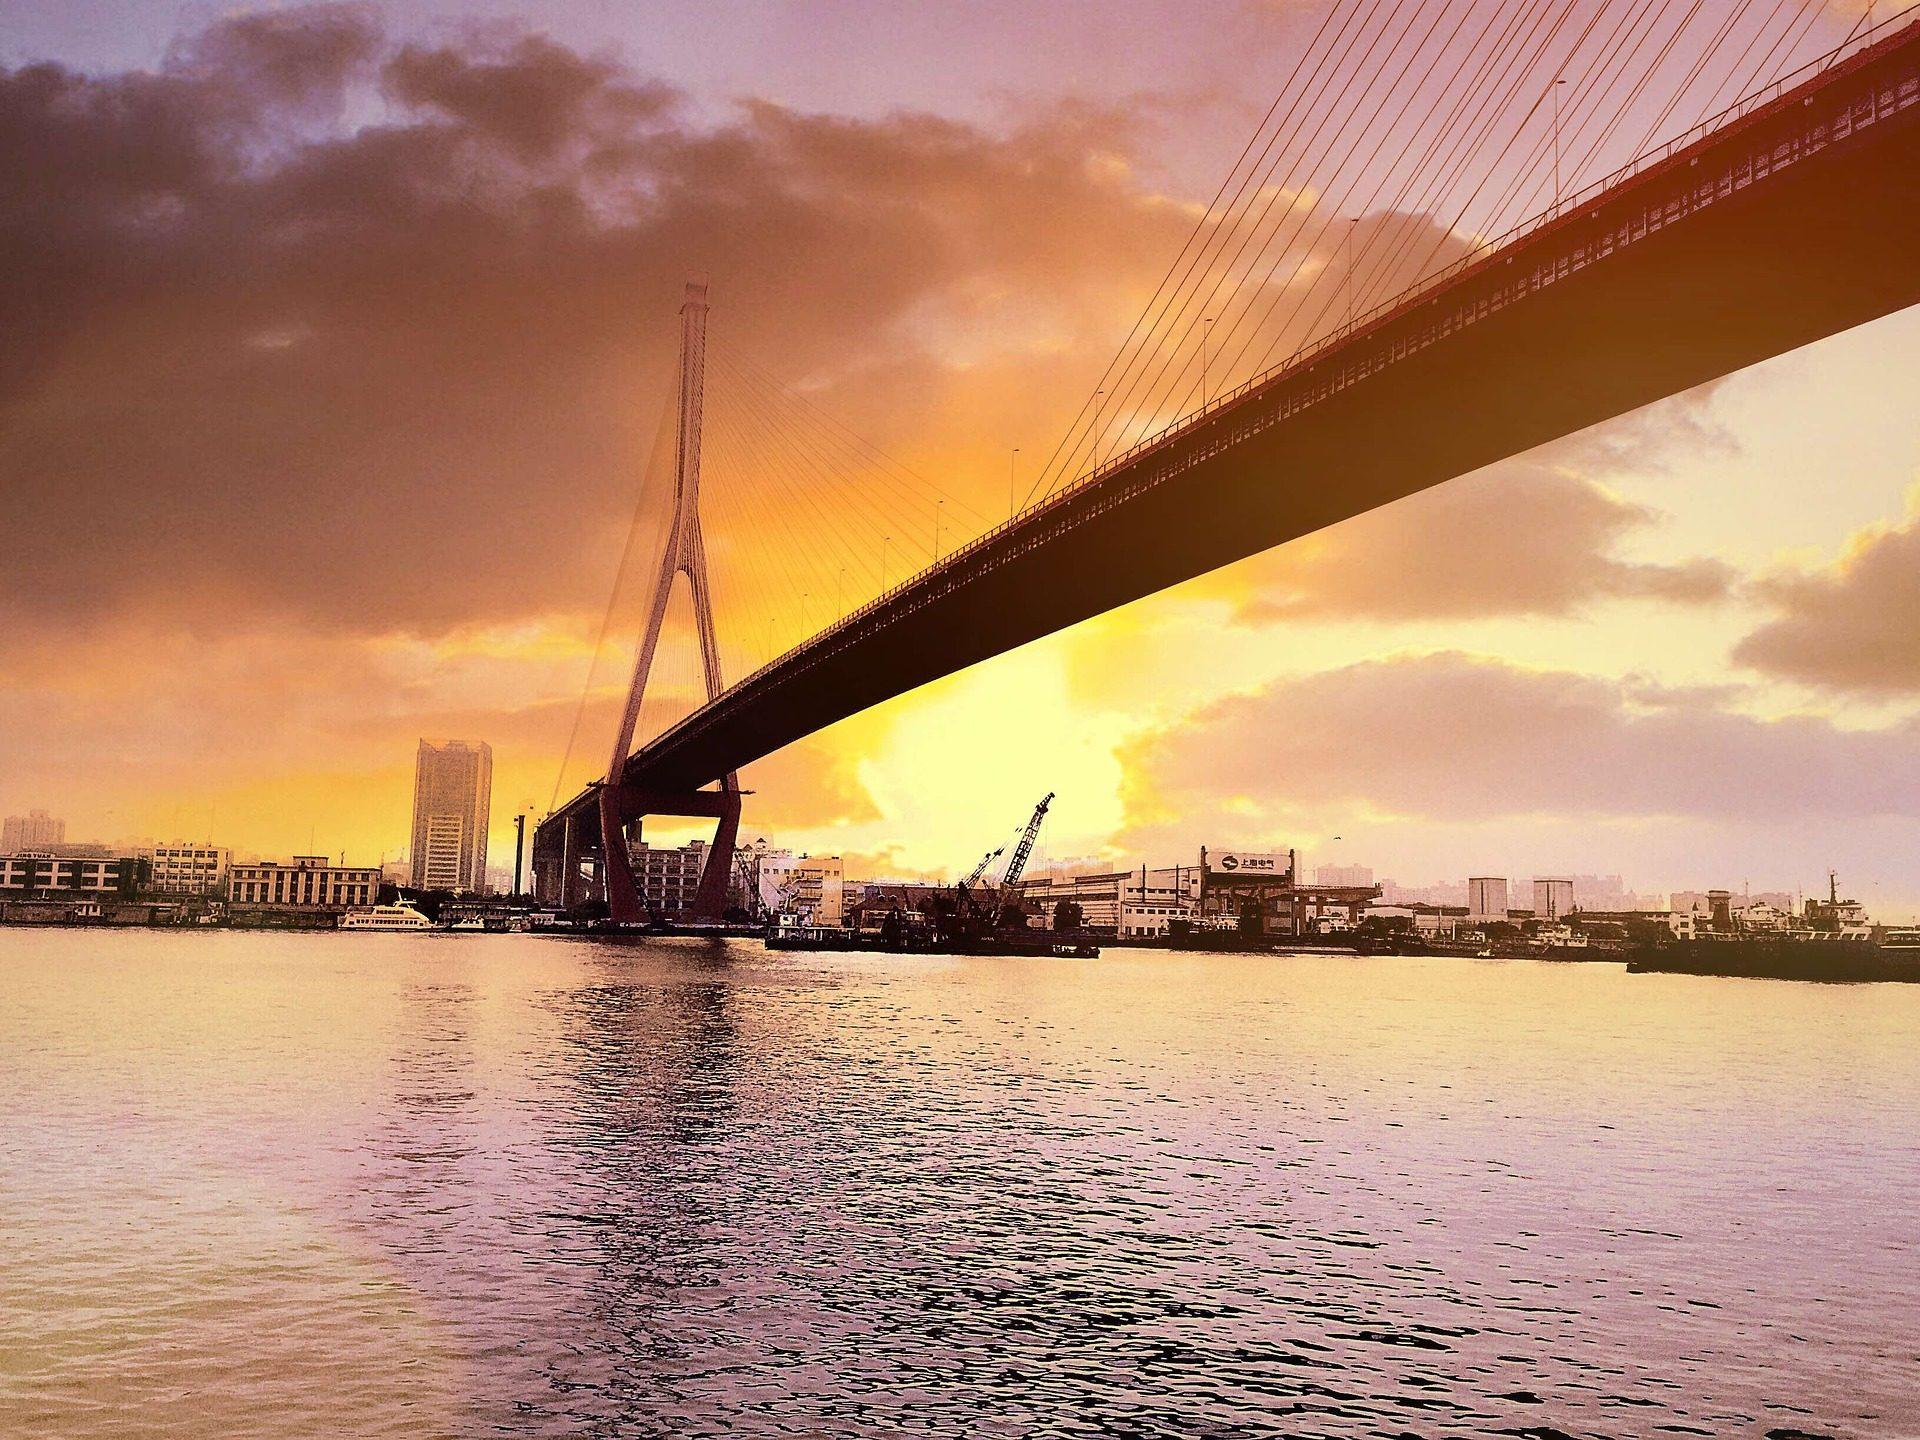 Brücke, Stadt, Sonnenuntergang, Meer, Sonne - Wallpaper HD - Prof.-falken.com